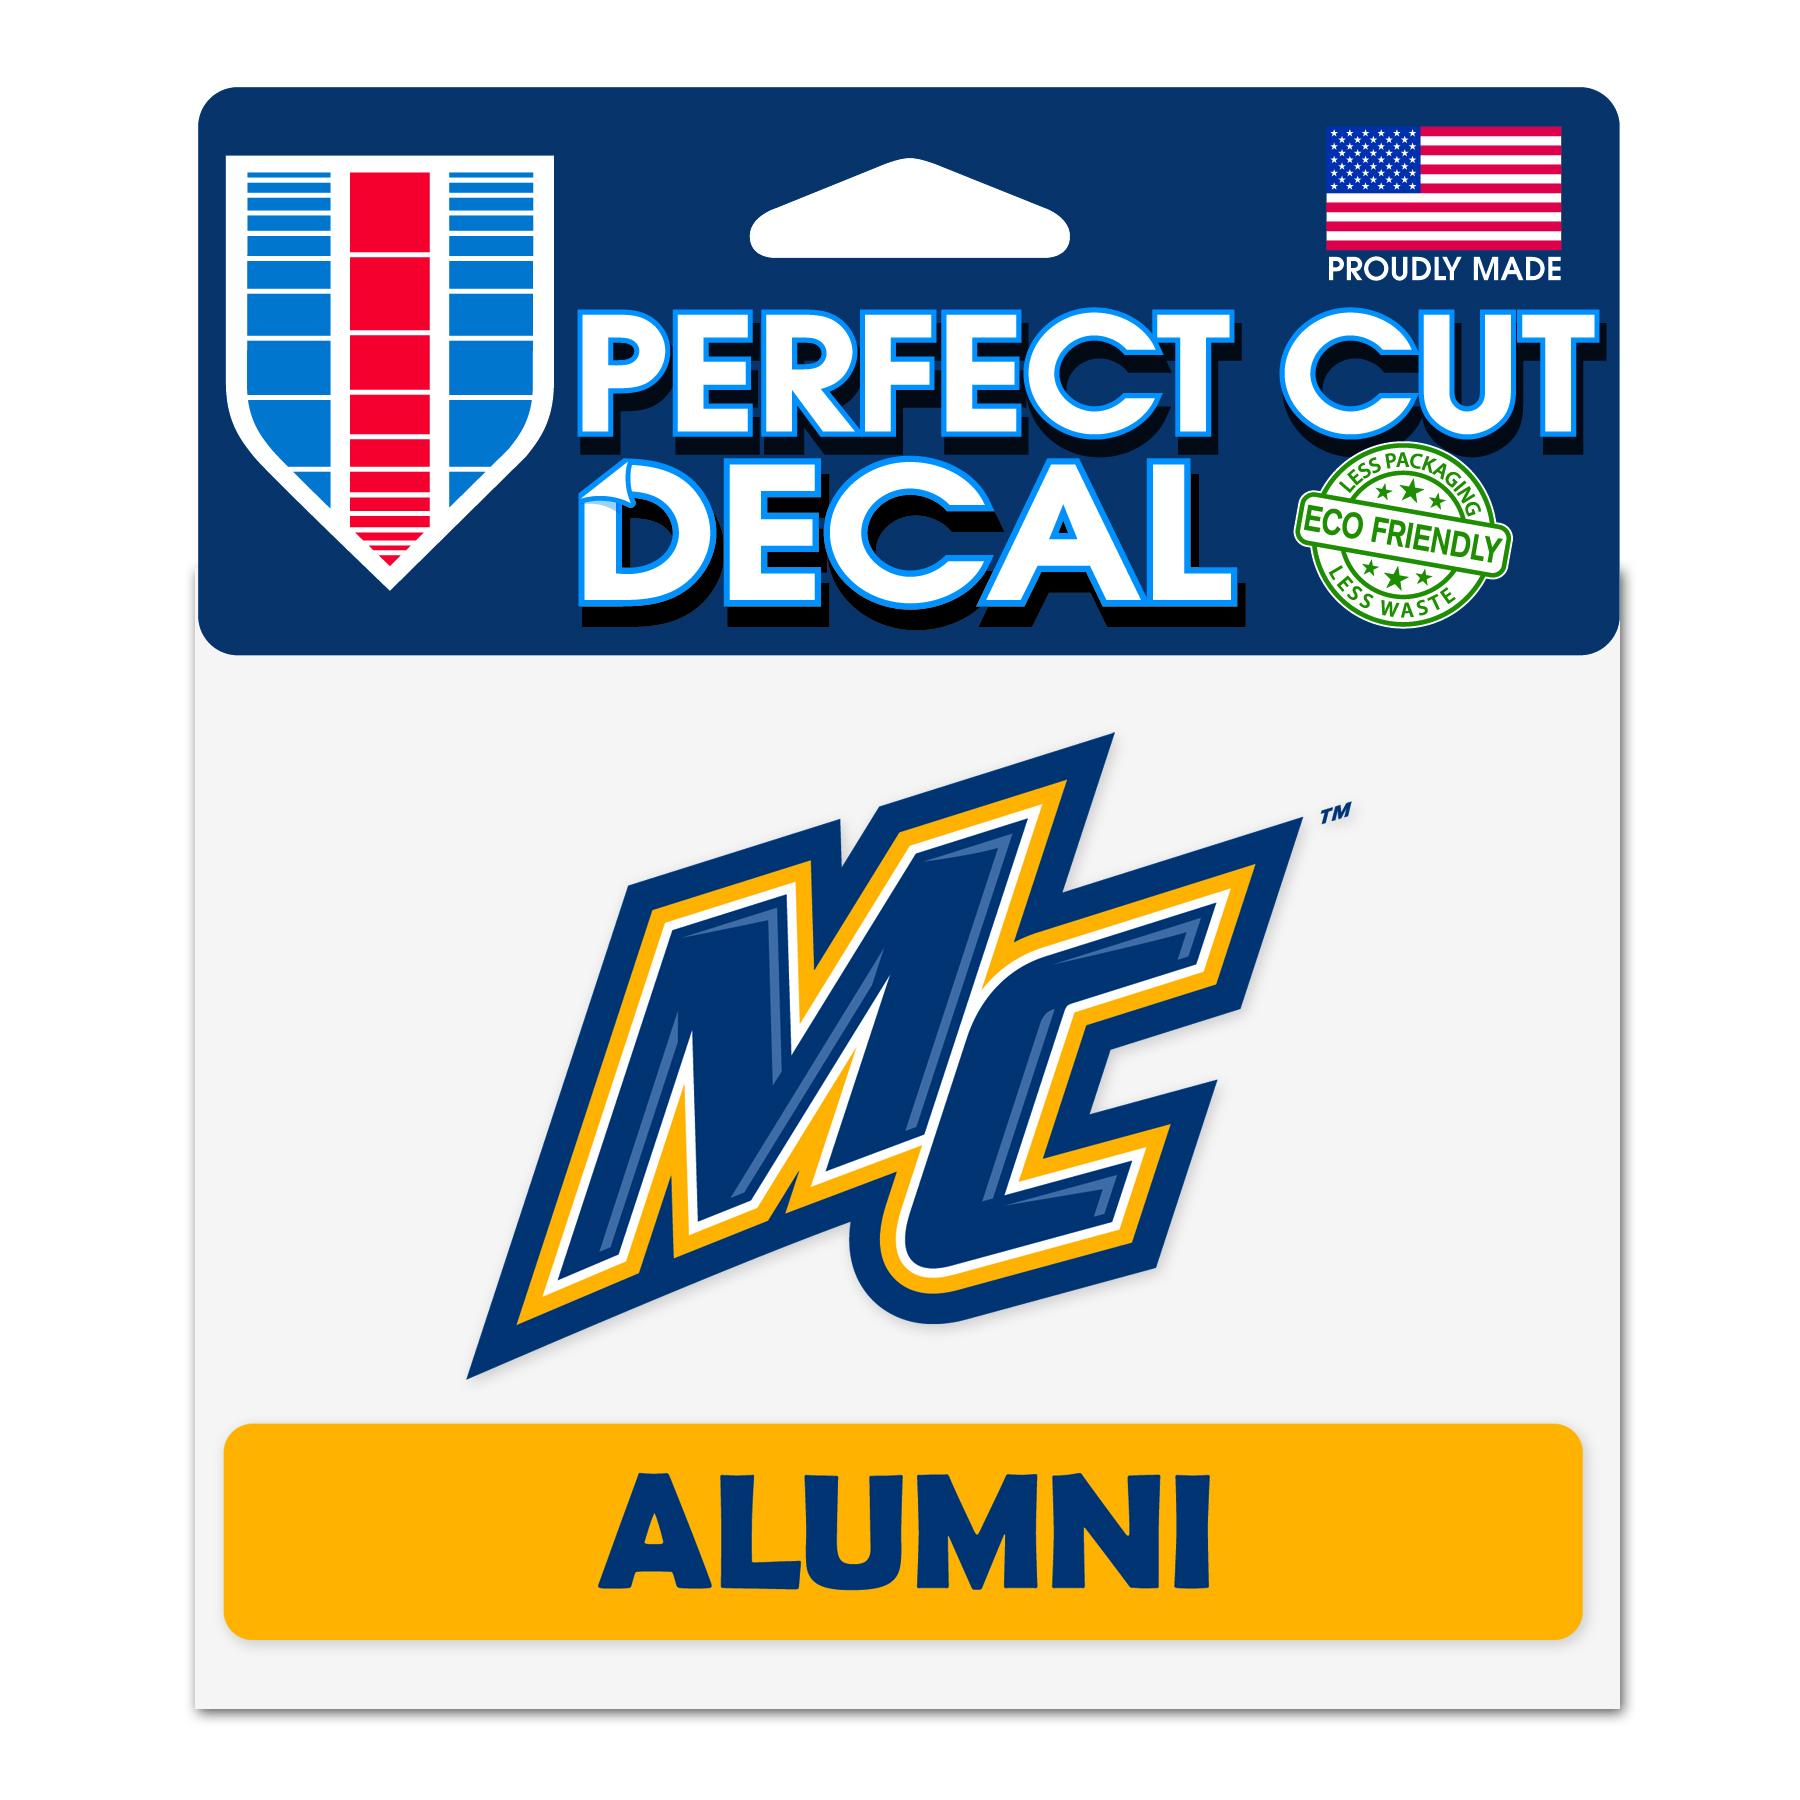 Decal - Alumni